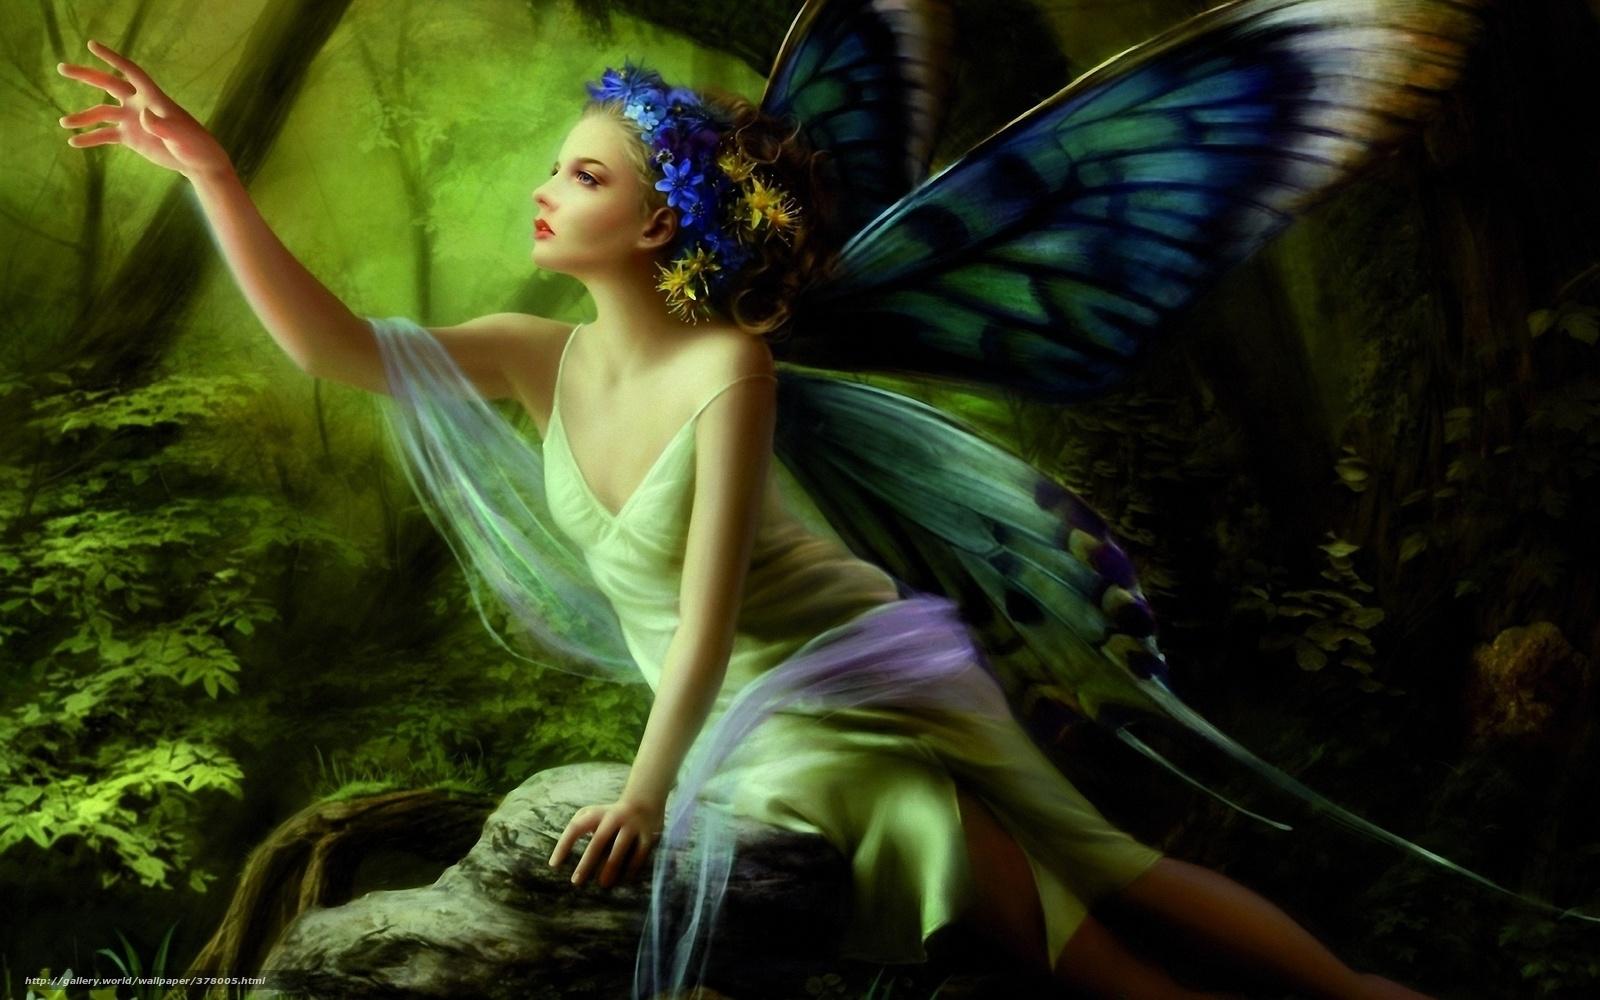 Fantasy fairy art naked scenes